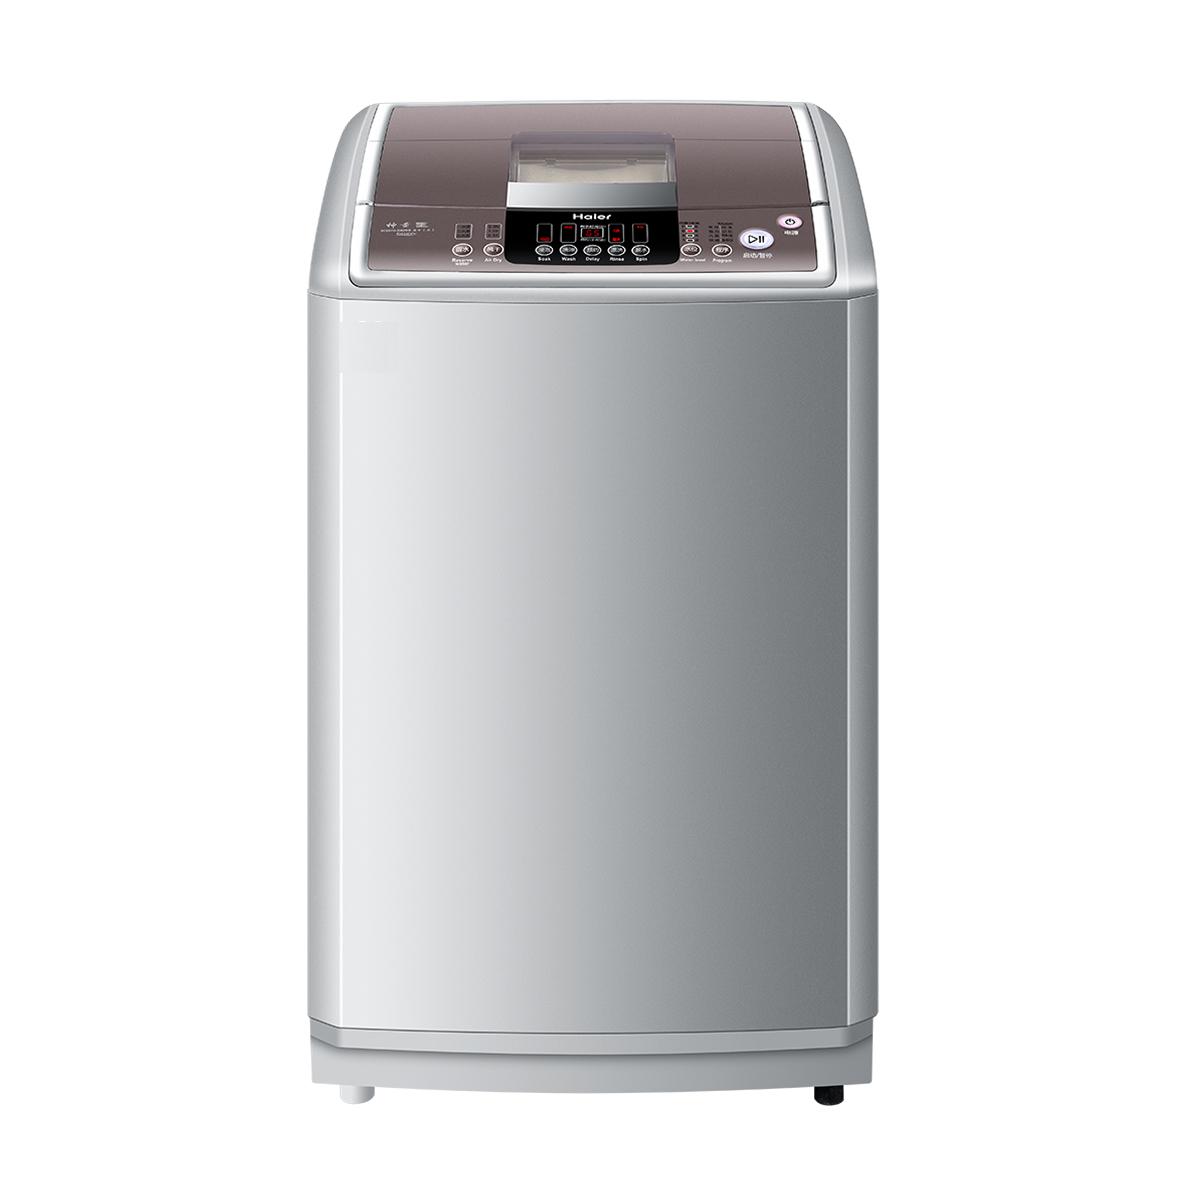 海尔Haier洗衣机 XQB70-S828S 说明书